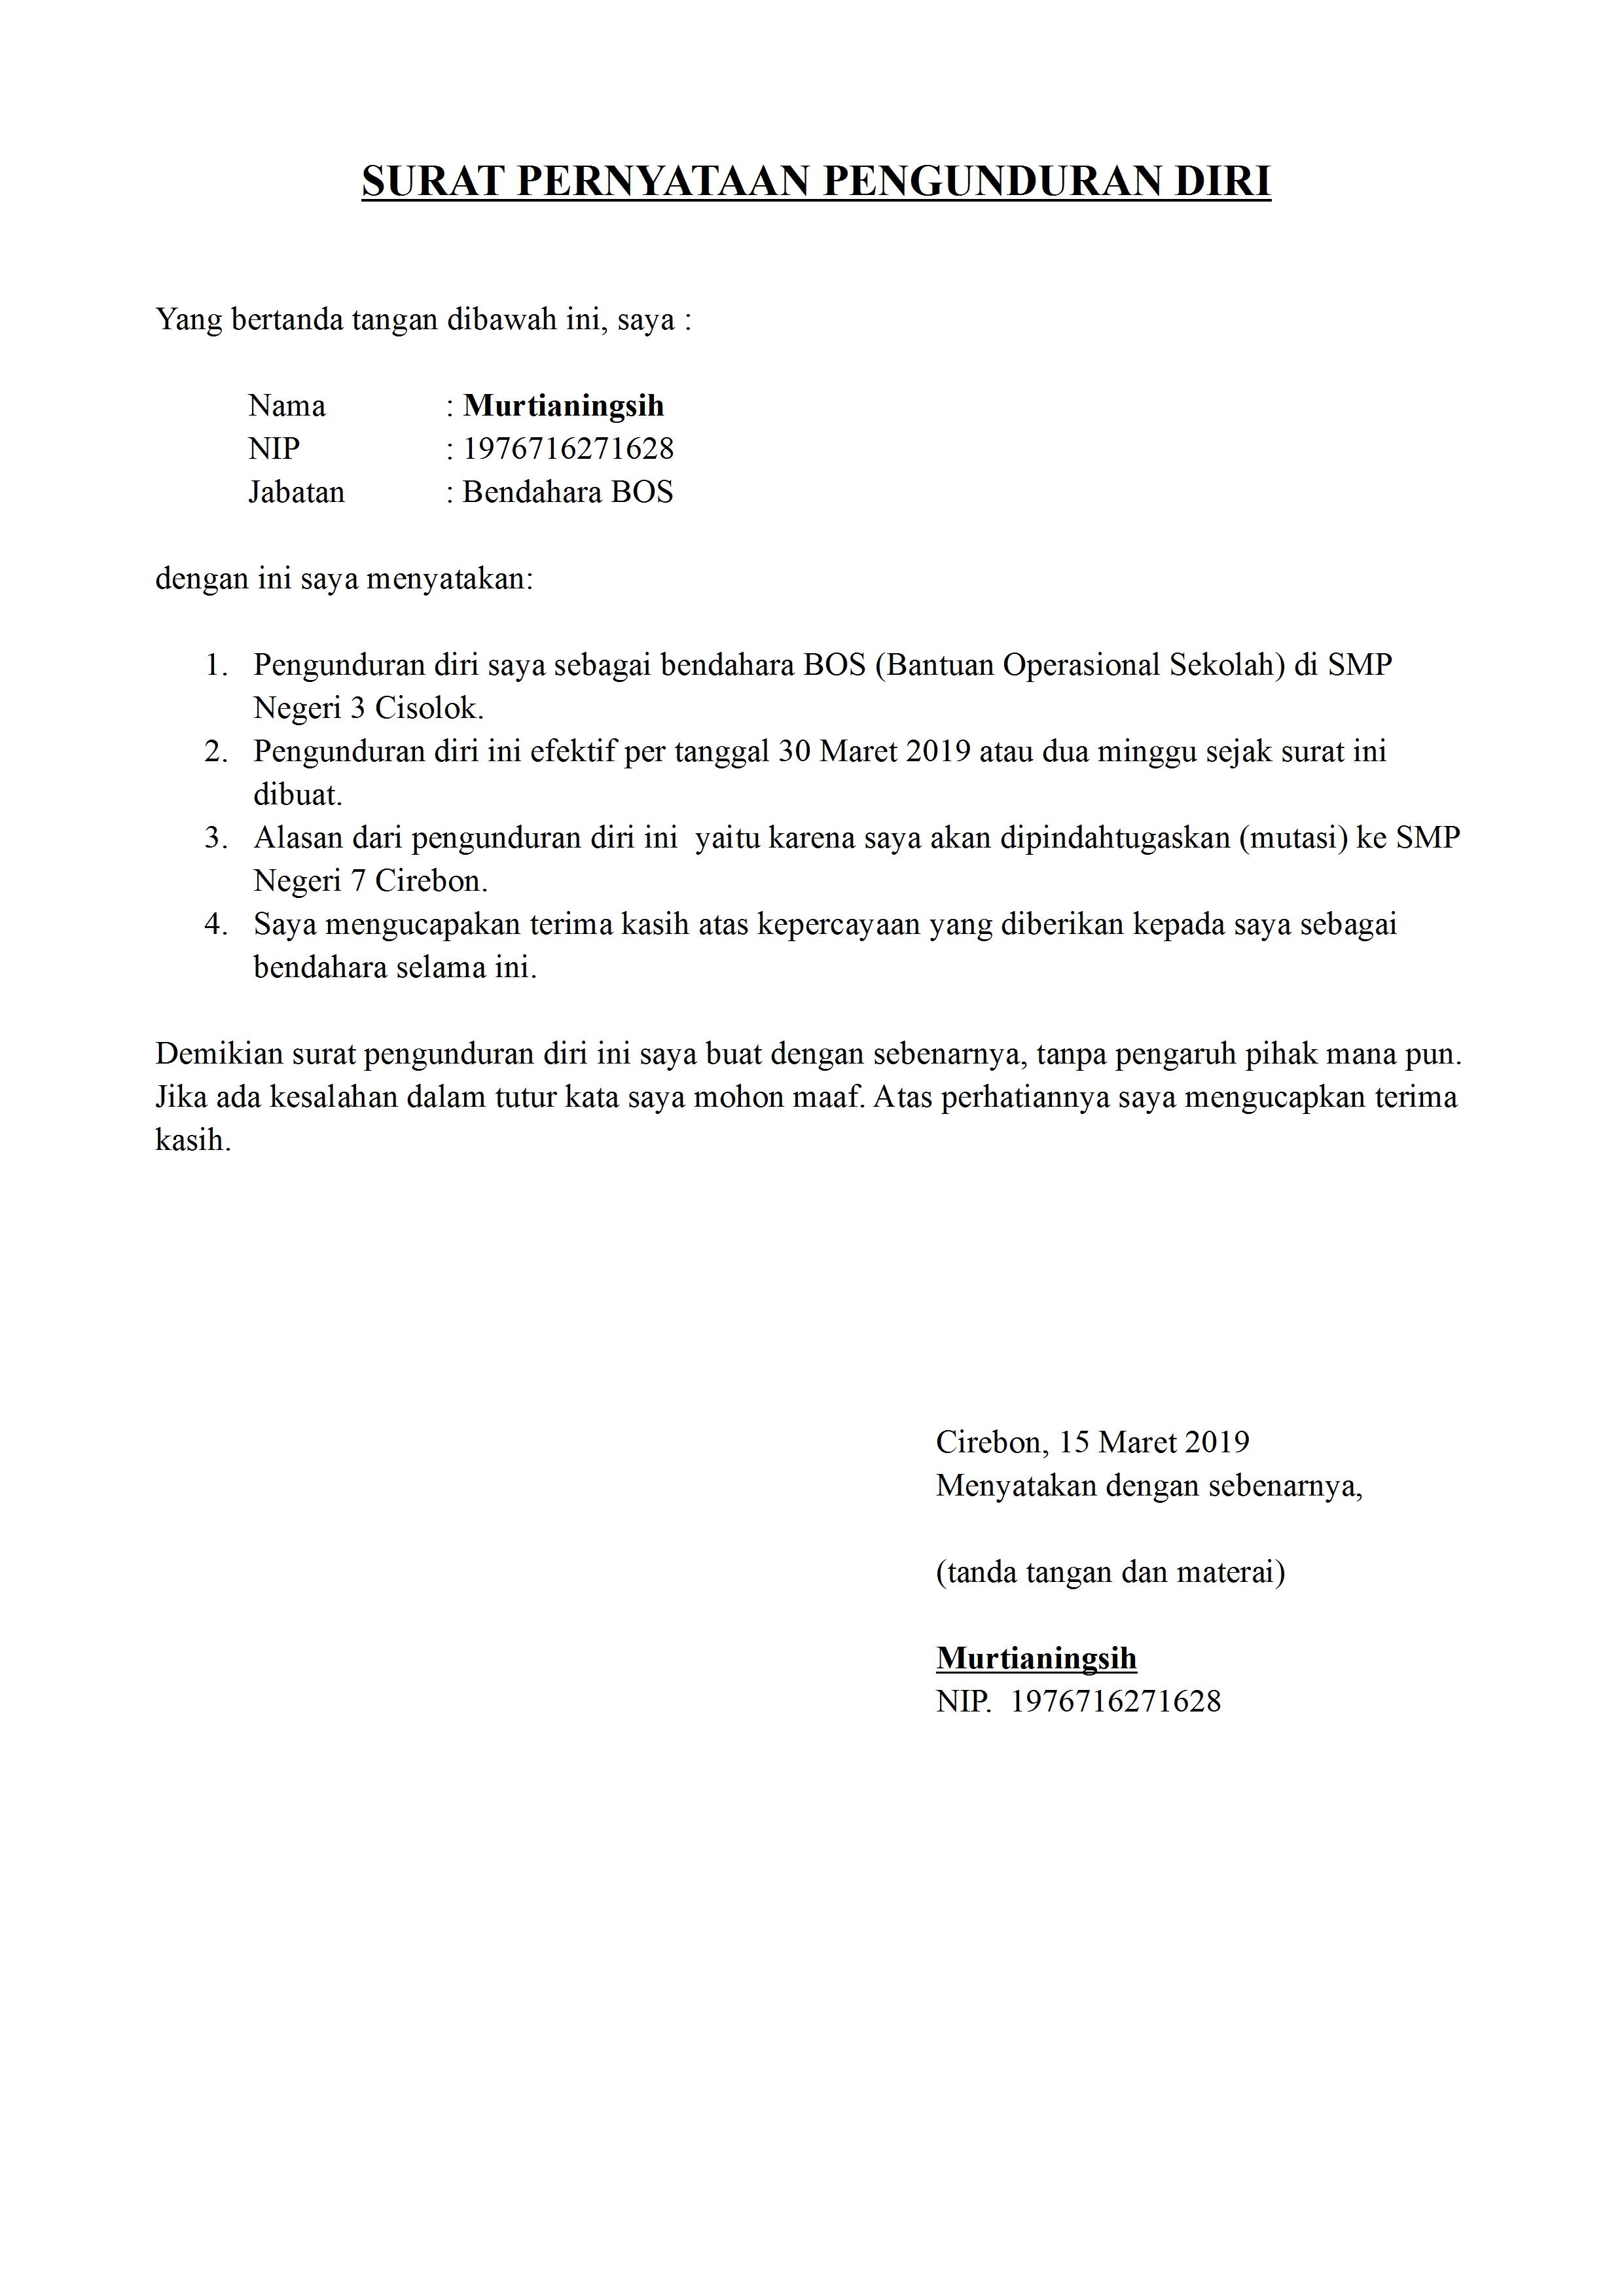 Contoh Surat Pengunduran Diri Dari Jabatan Perangkat Desa Berbagai Contoh